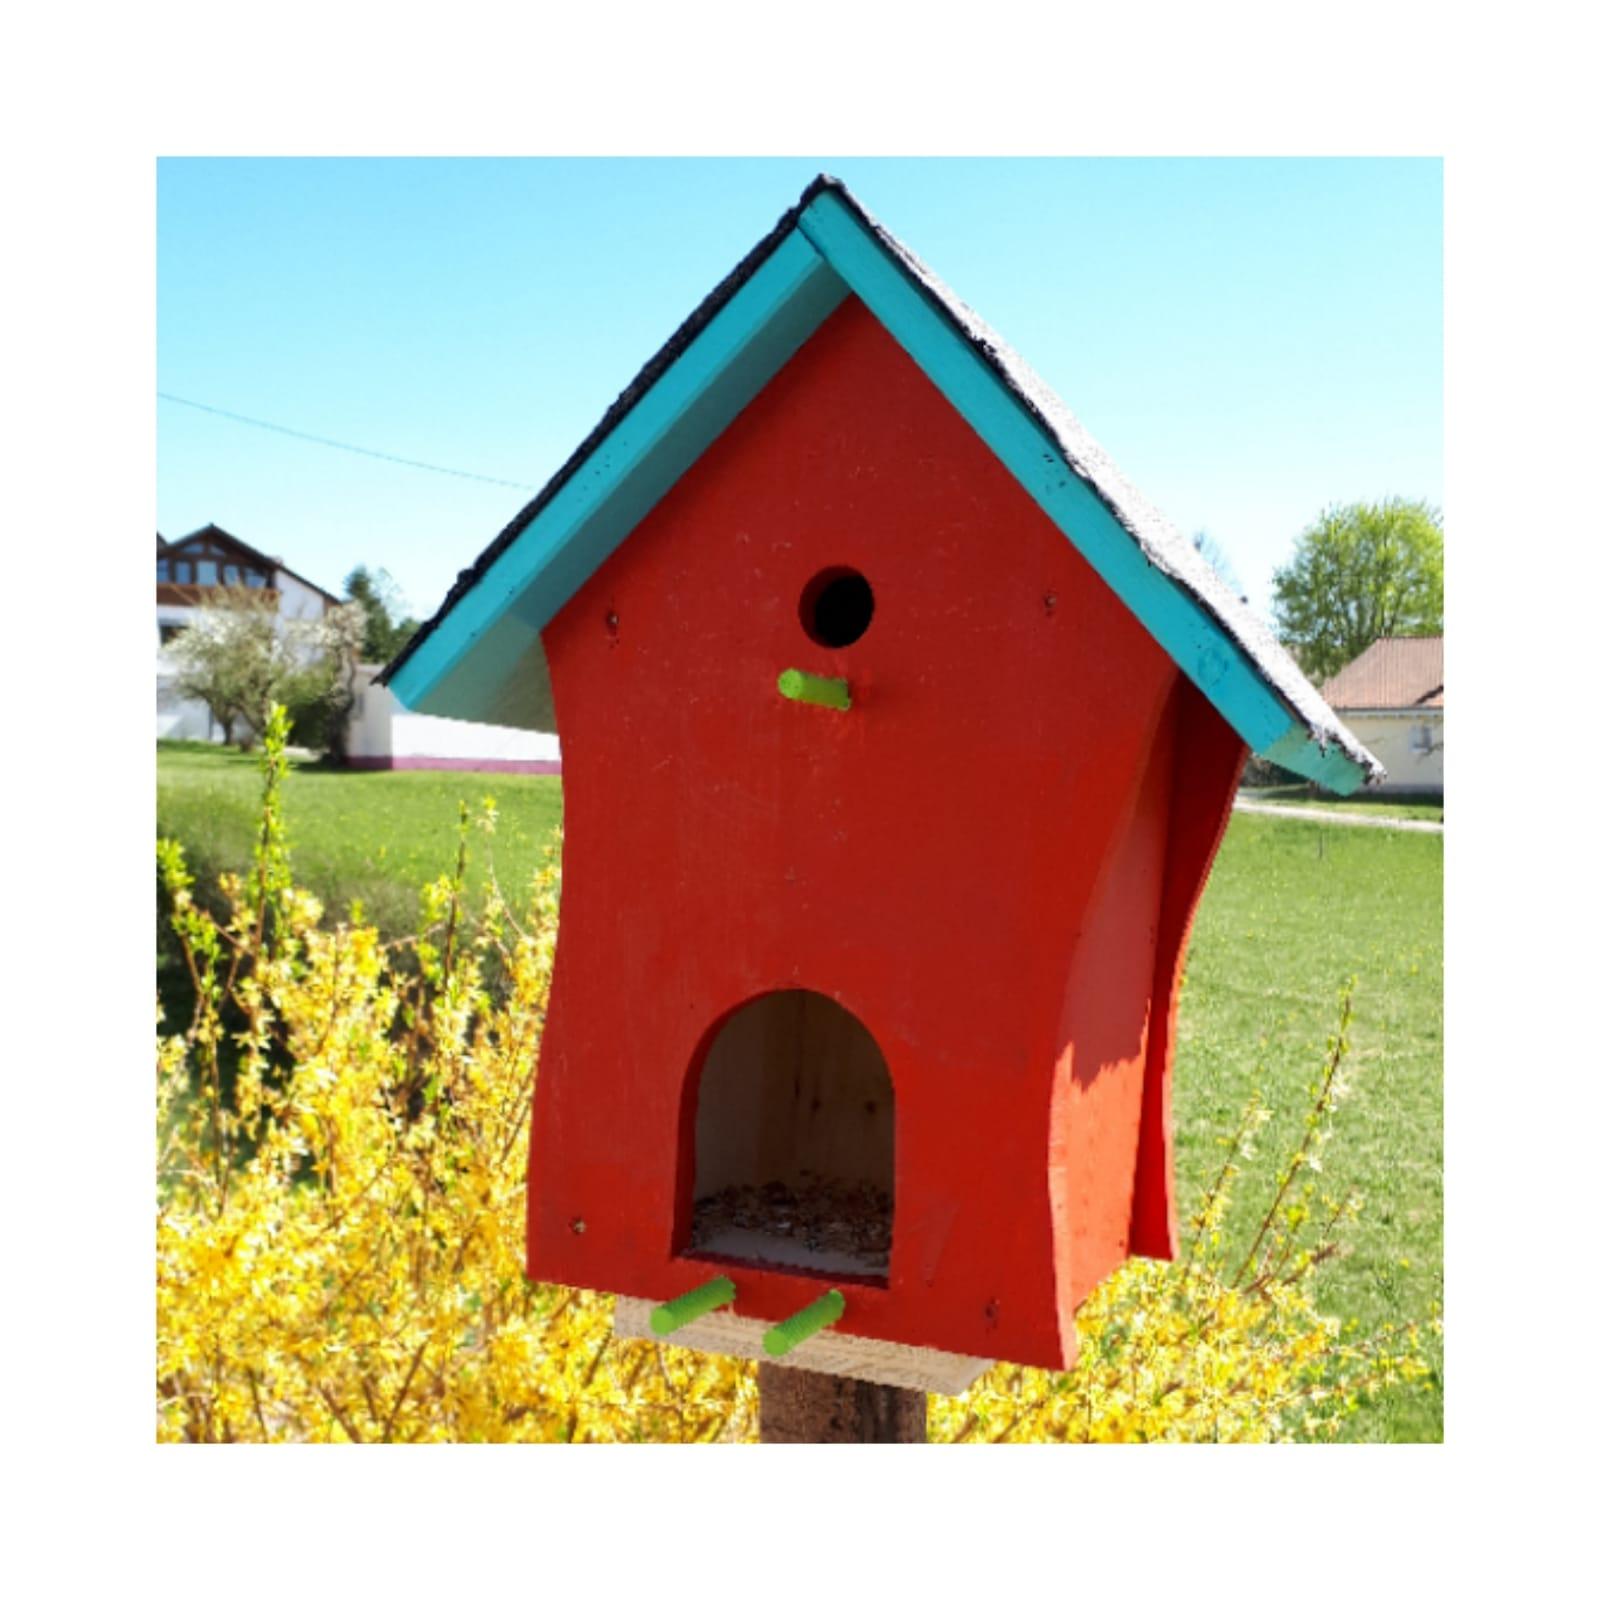 Frau Weiß gestaltet mit ihren Töchtern ein farbenfrohes Vogelhaus.